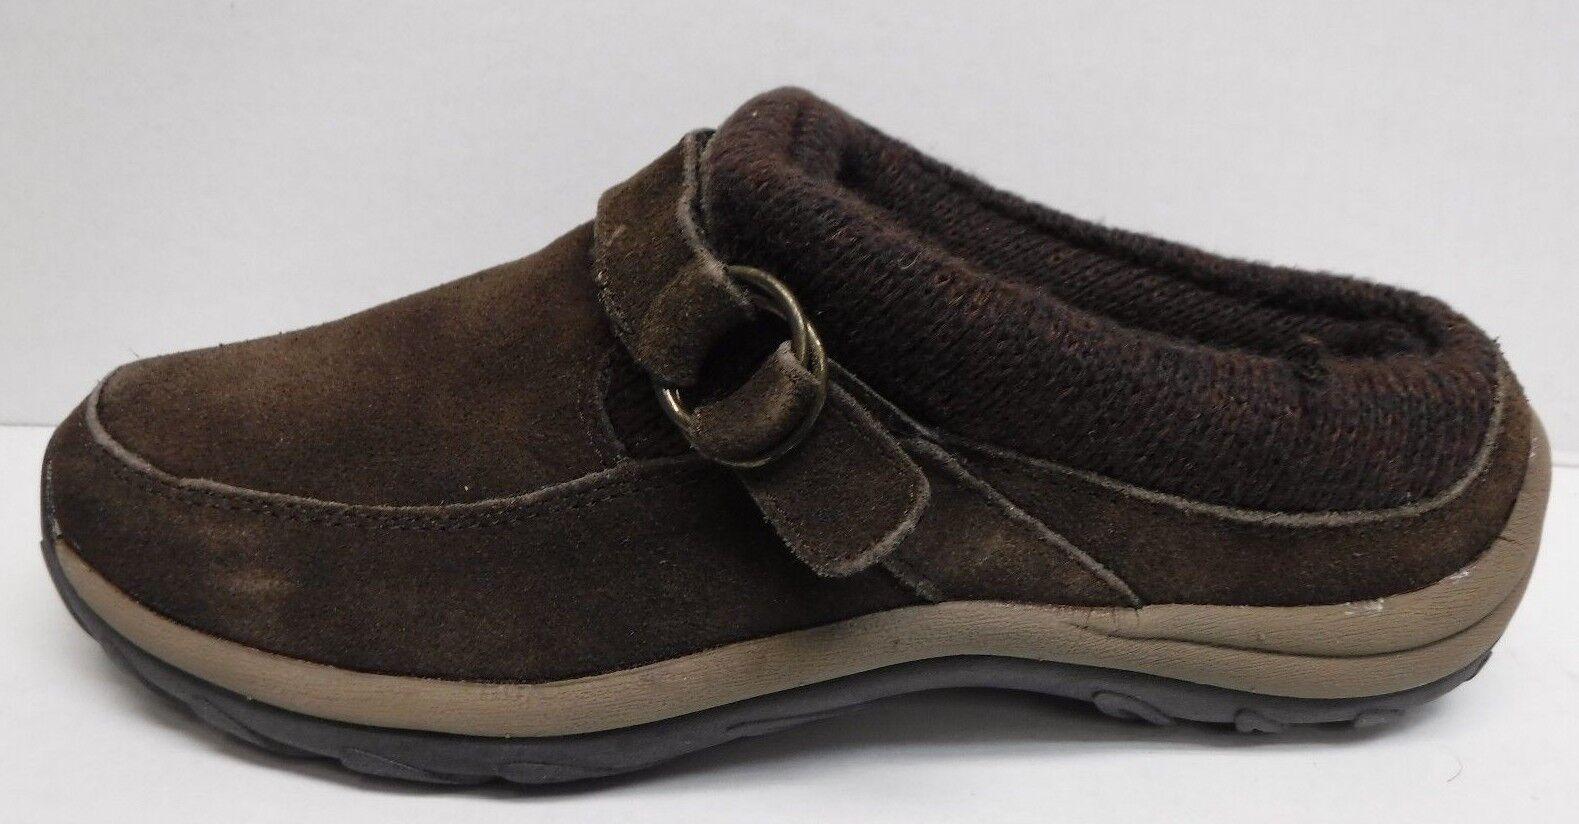 Khombu Talla 7 Marrón Cuero Zuecos Mulas Nuevos Nuevos Nuevos Zapatos para mujer  conveniente